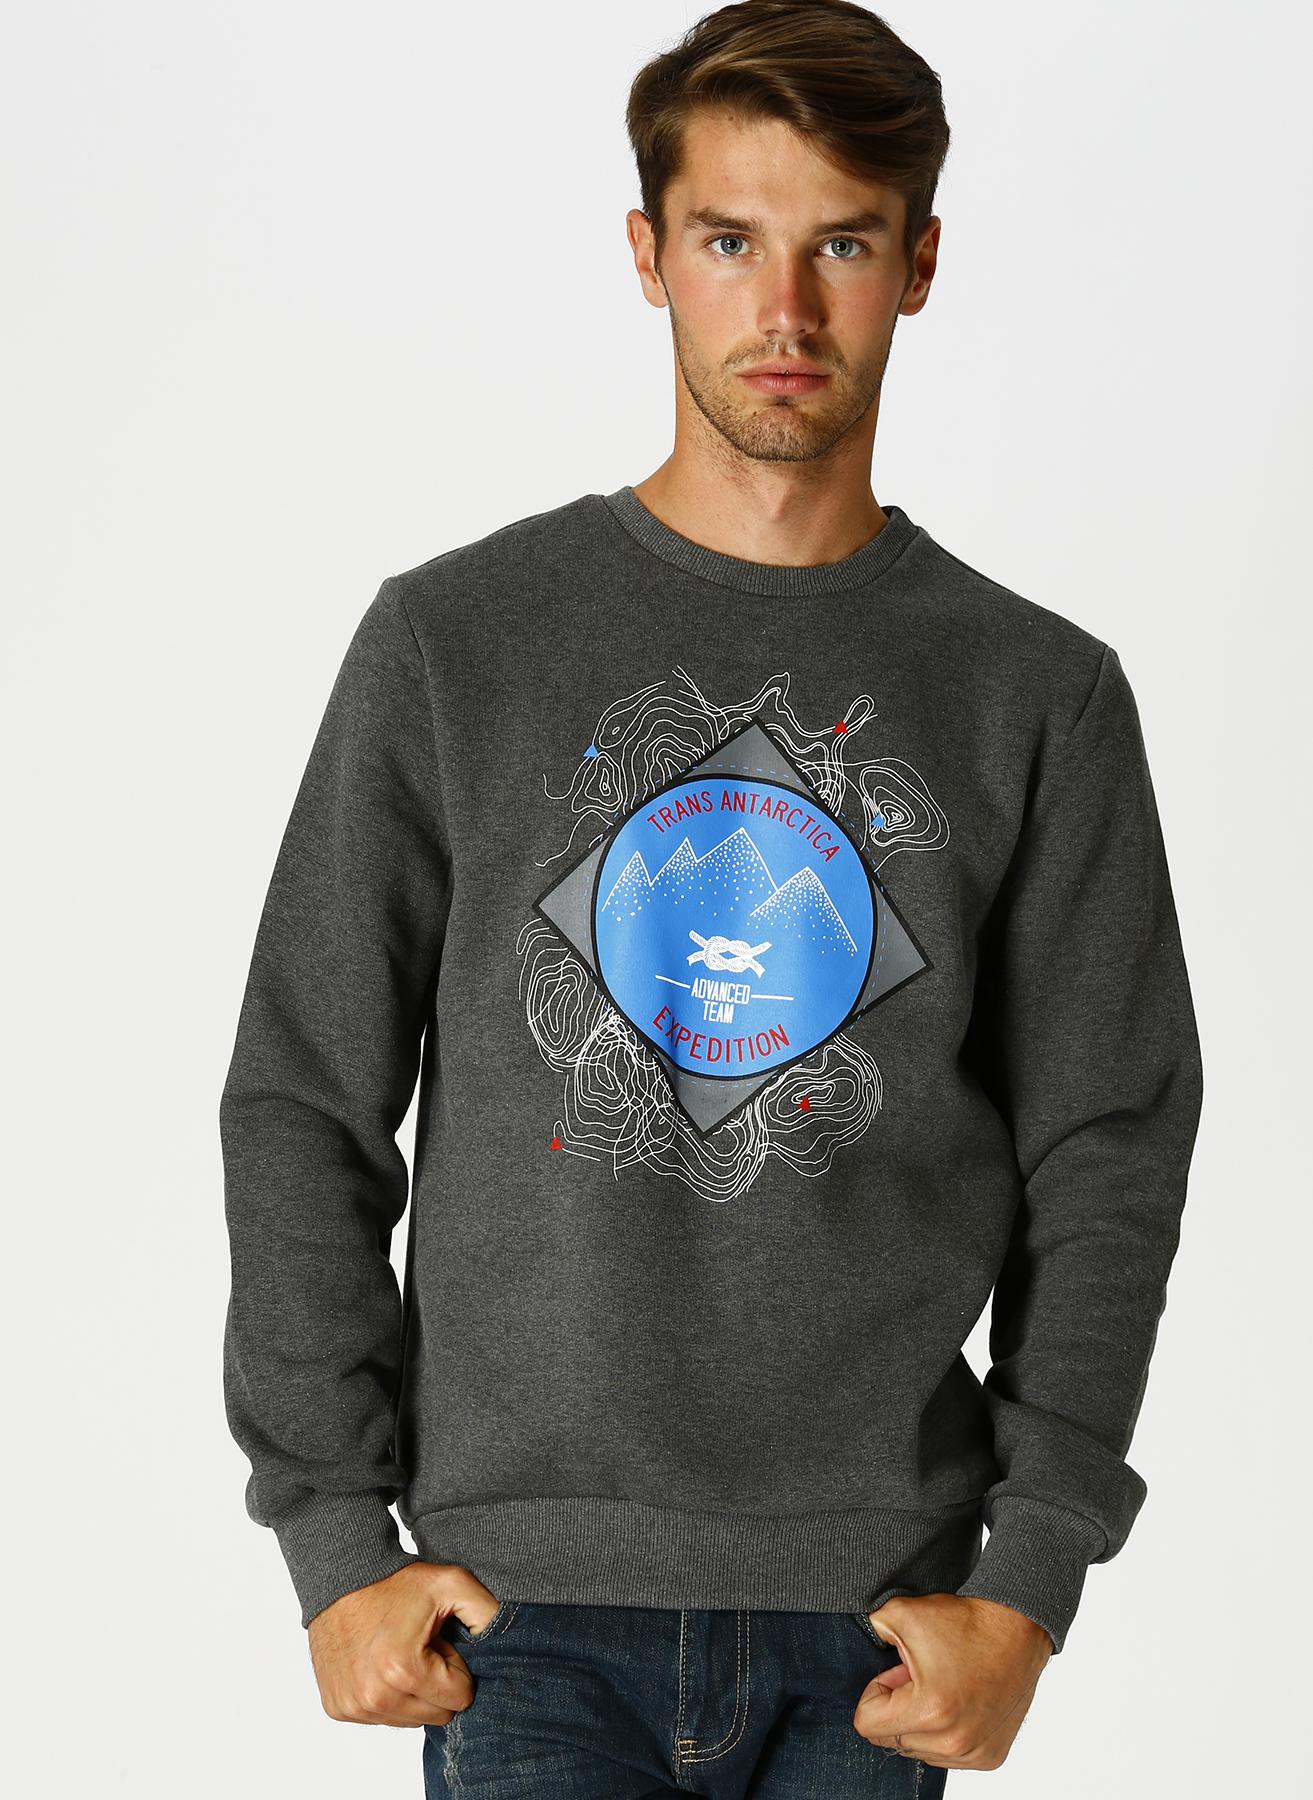 Limon Antrasit Sweatshirt 2XL 5001629410005 Ürün Resmi